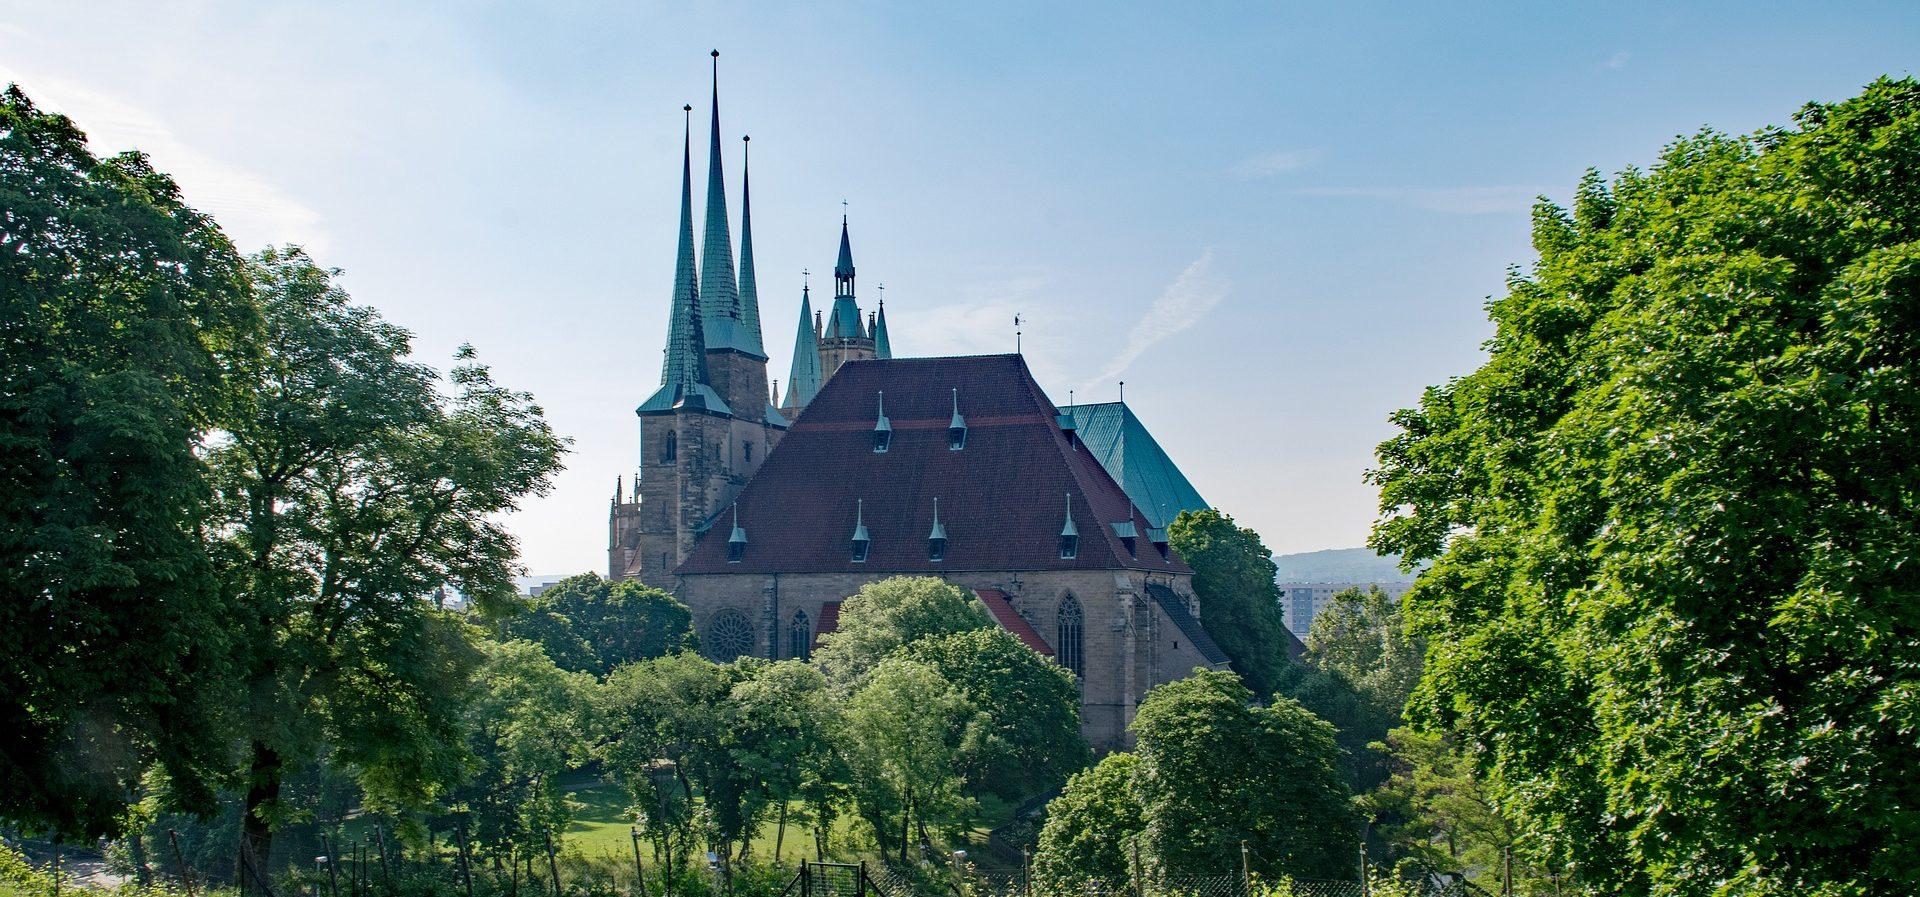 Abschlusskonzert in Erfurt: Kathedralmusik für Orgel